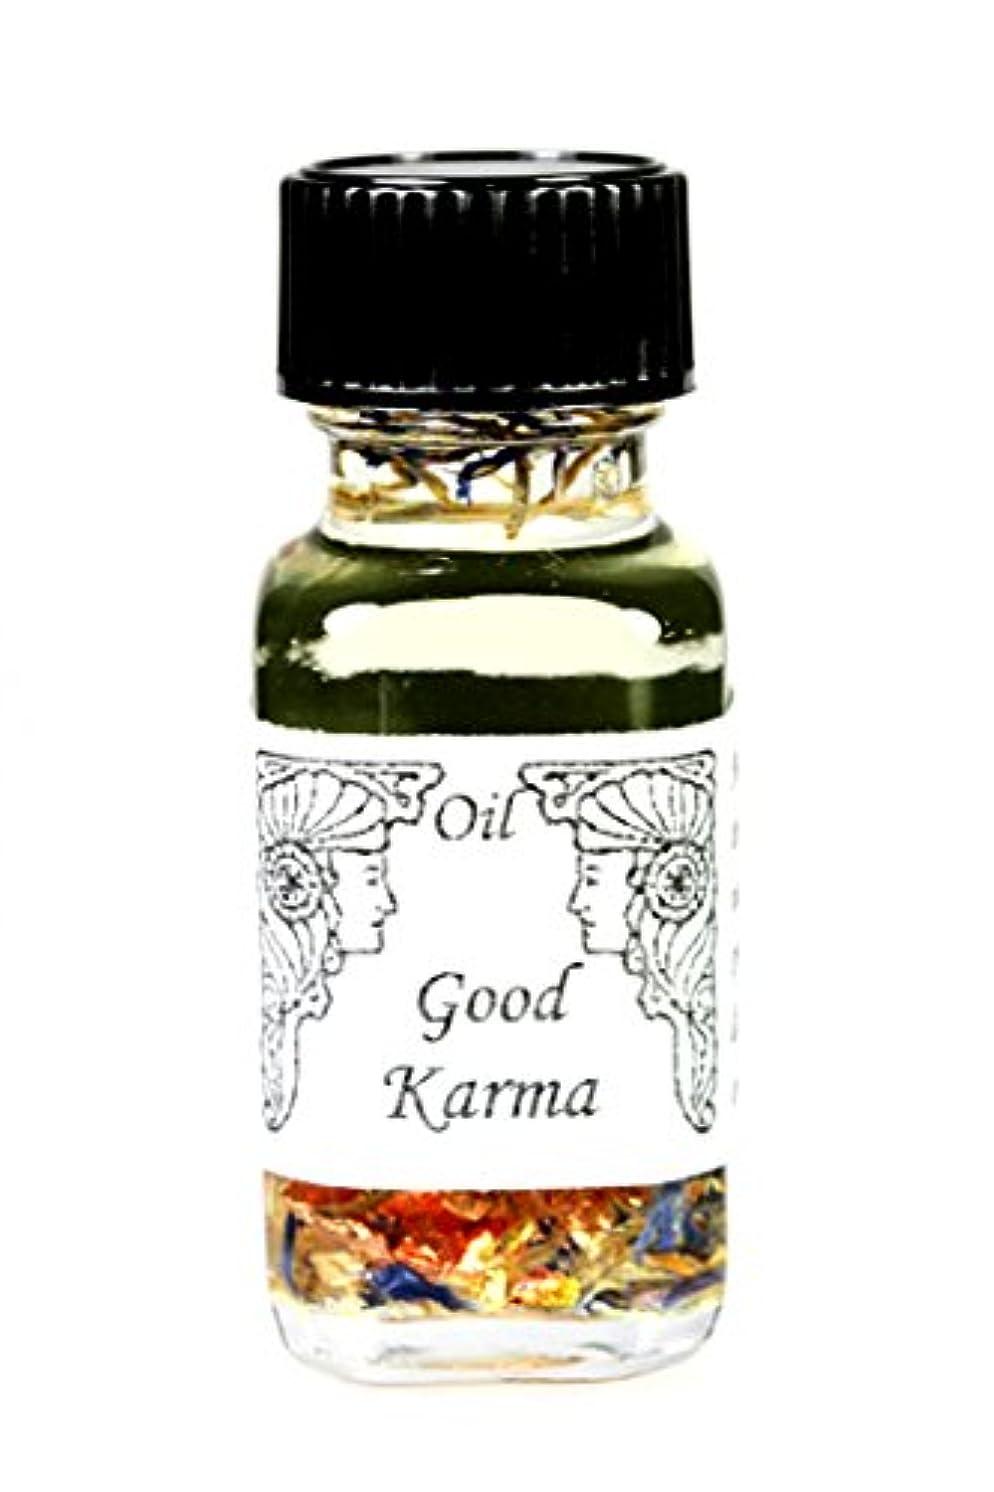 分子免疫雨のアンシェントメモリーオイル Good Karma (良いカルマ)